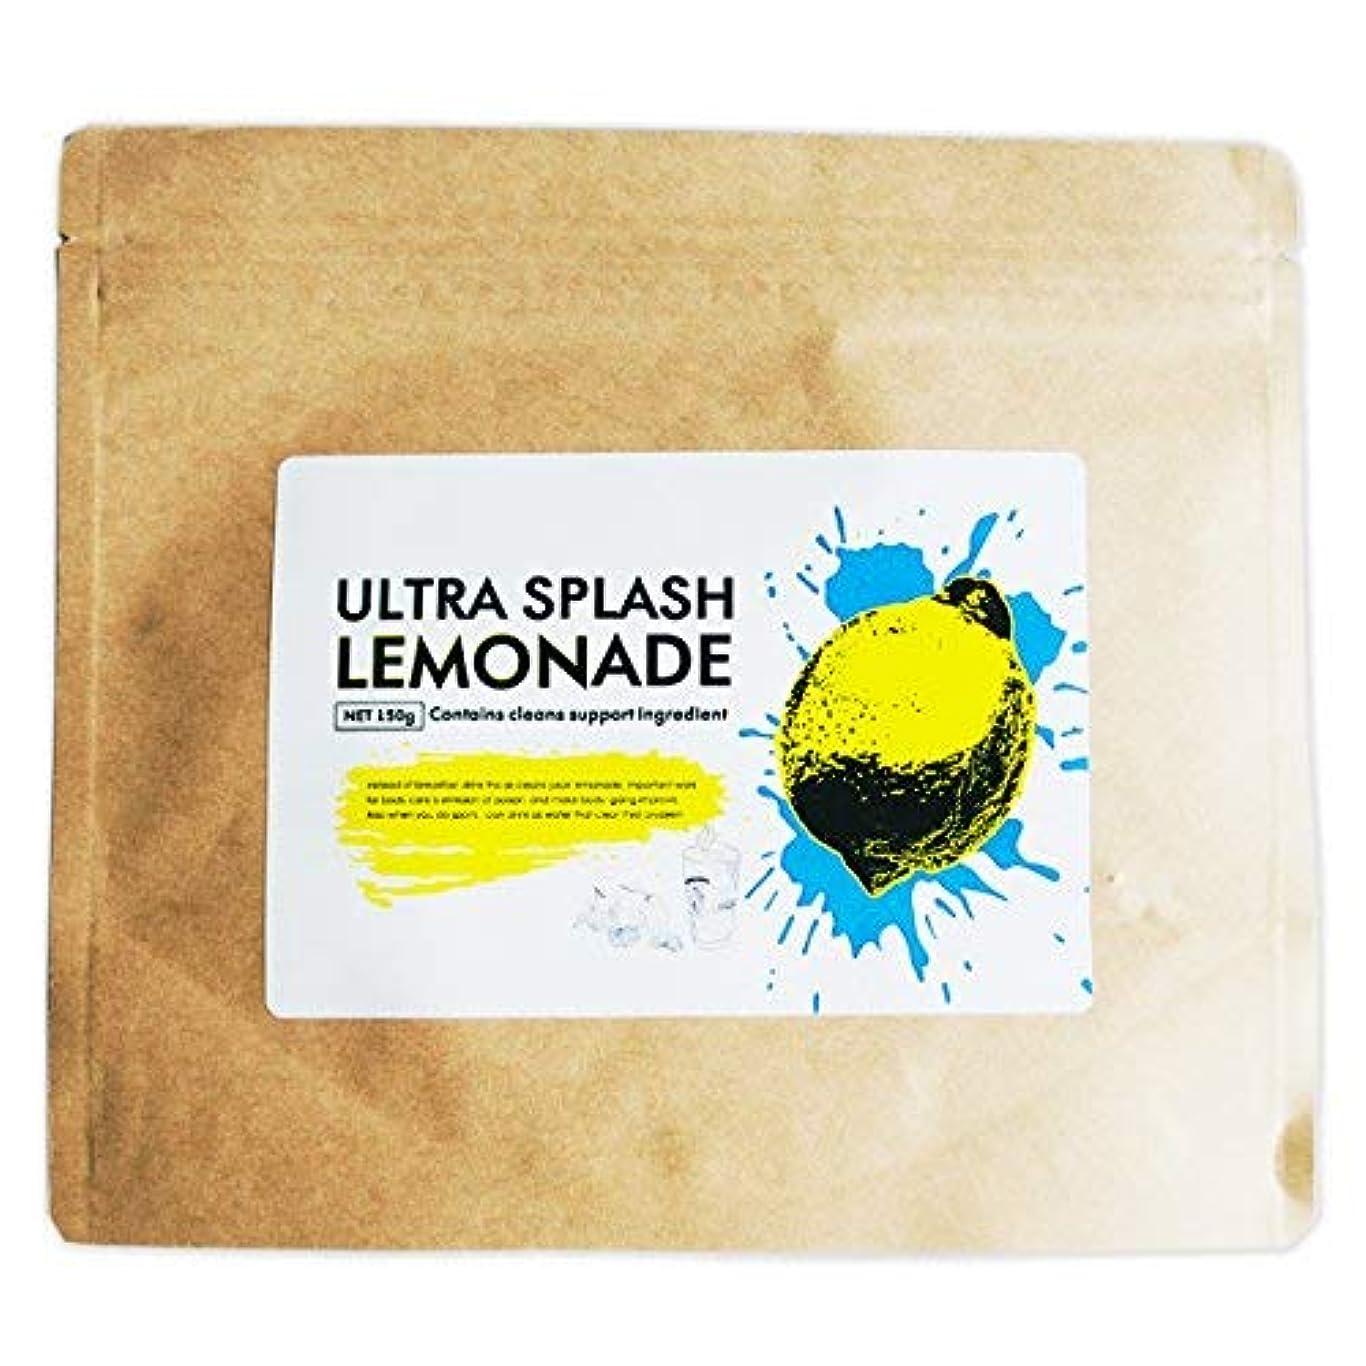 放棄未来ミトン炭酸 レモネード クレンズジュース 7億5千個の乳酸菌 フォルスコリ デキストリン キャンドルブッシュ 172種類の 酵素 配合 150g by ULTRA SPLASH